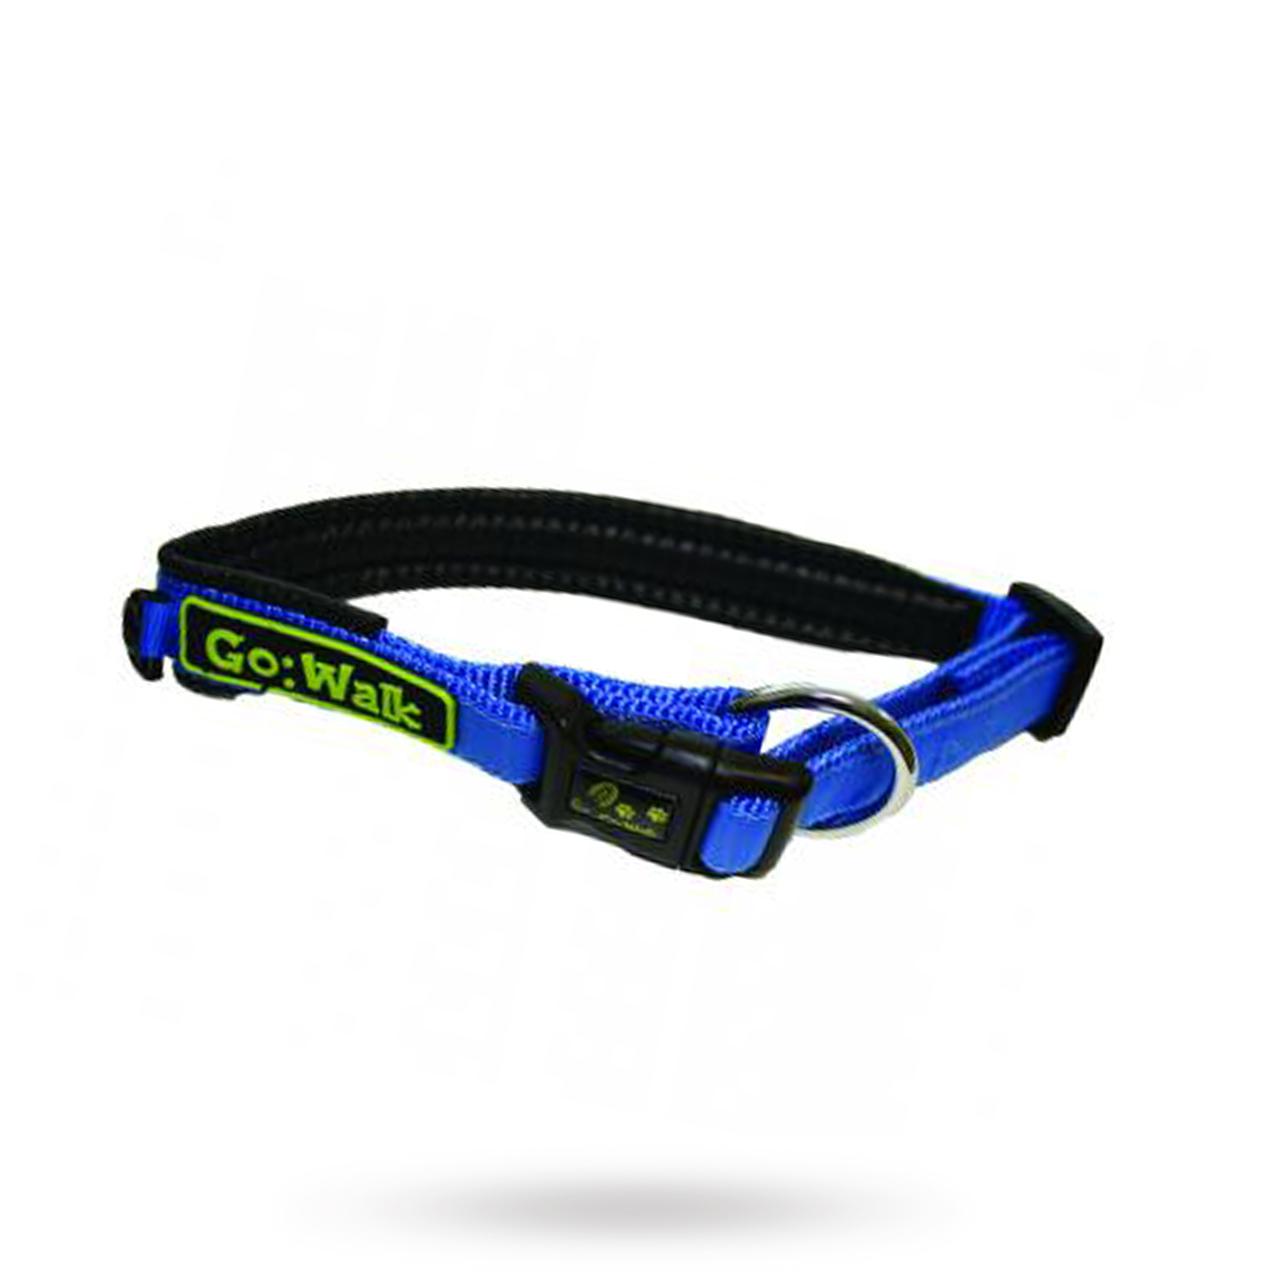 Go Walk Halsband Blå